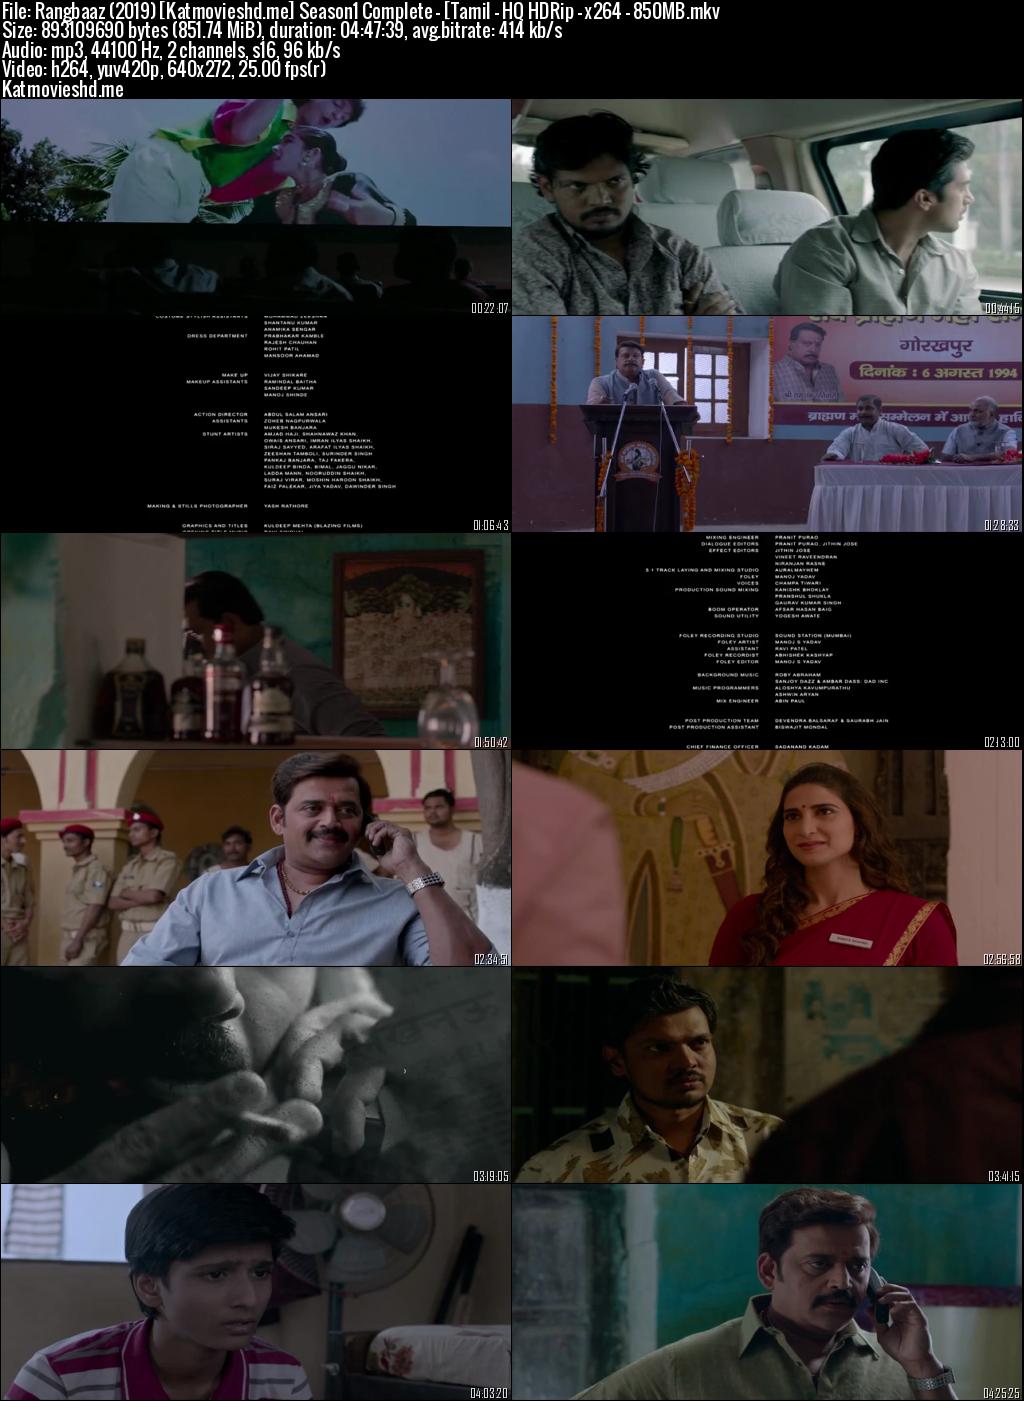 Screenshot of Rangbaaz 2019 Full Tamil Season 1 Complete Download HDRip 720p